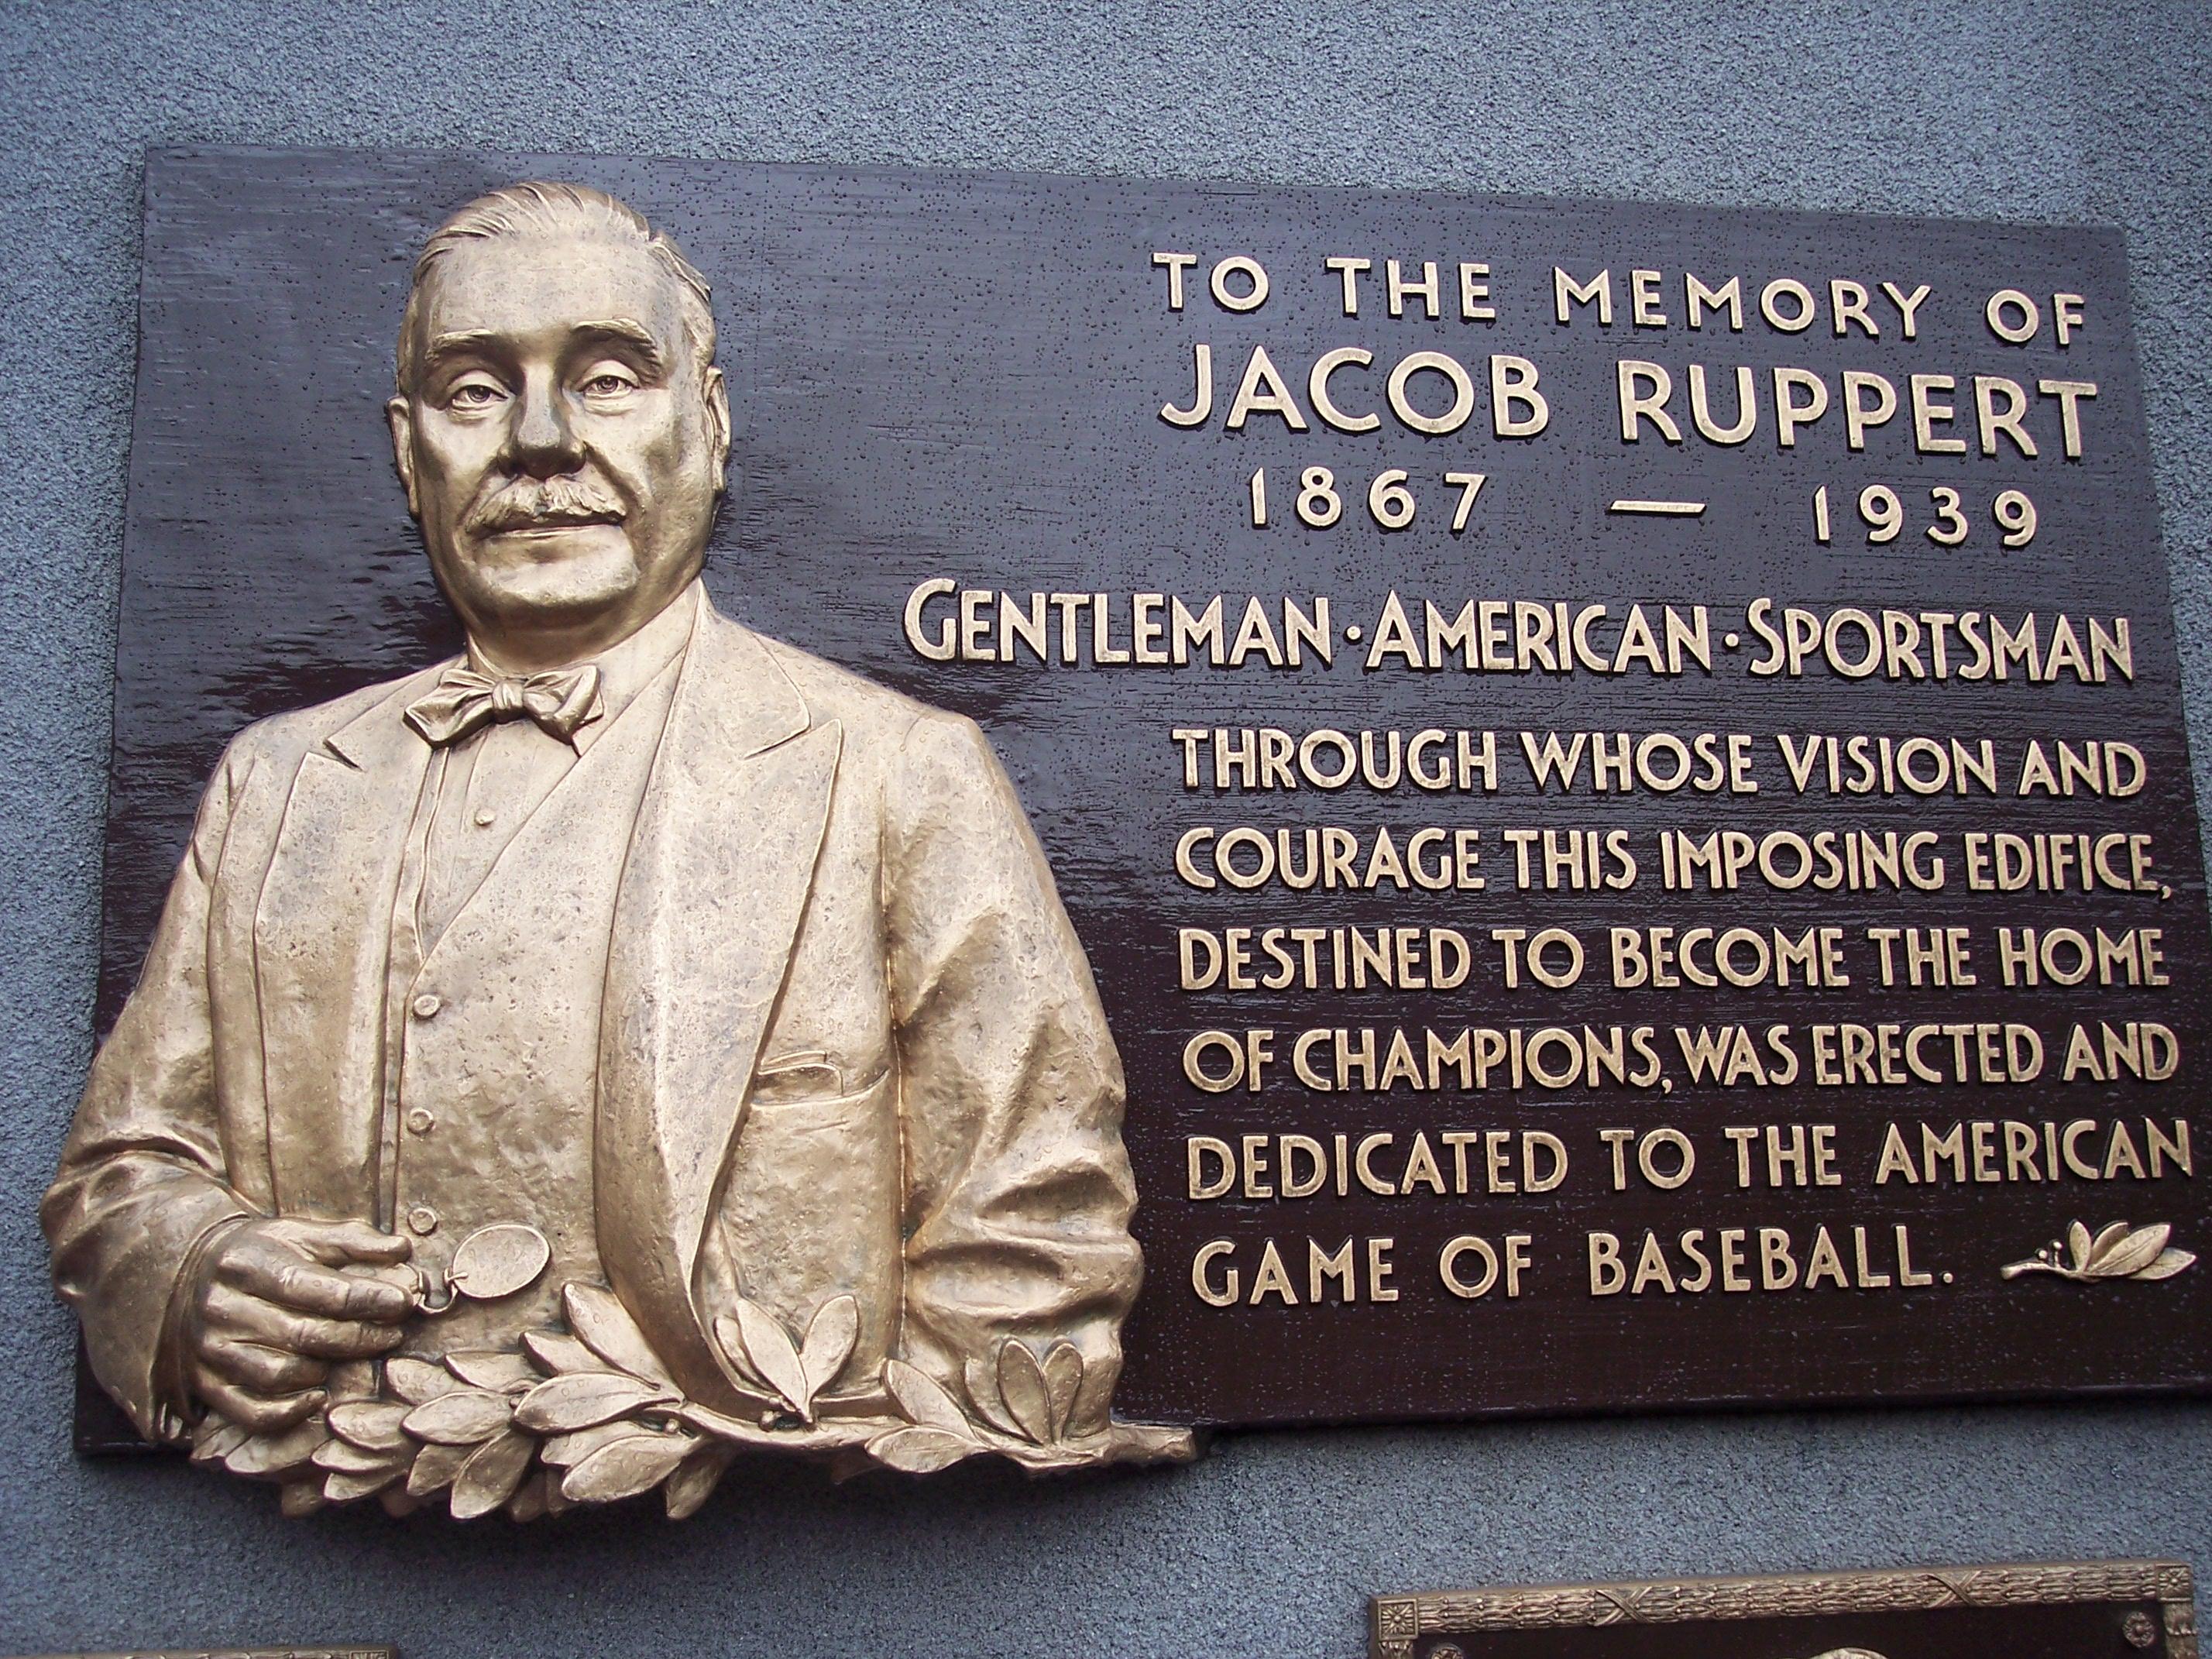 Jake Ruppert for the HOF!